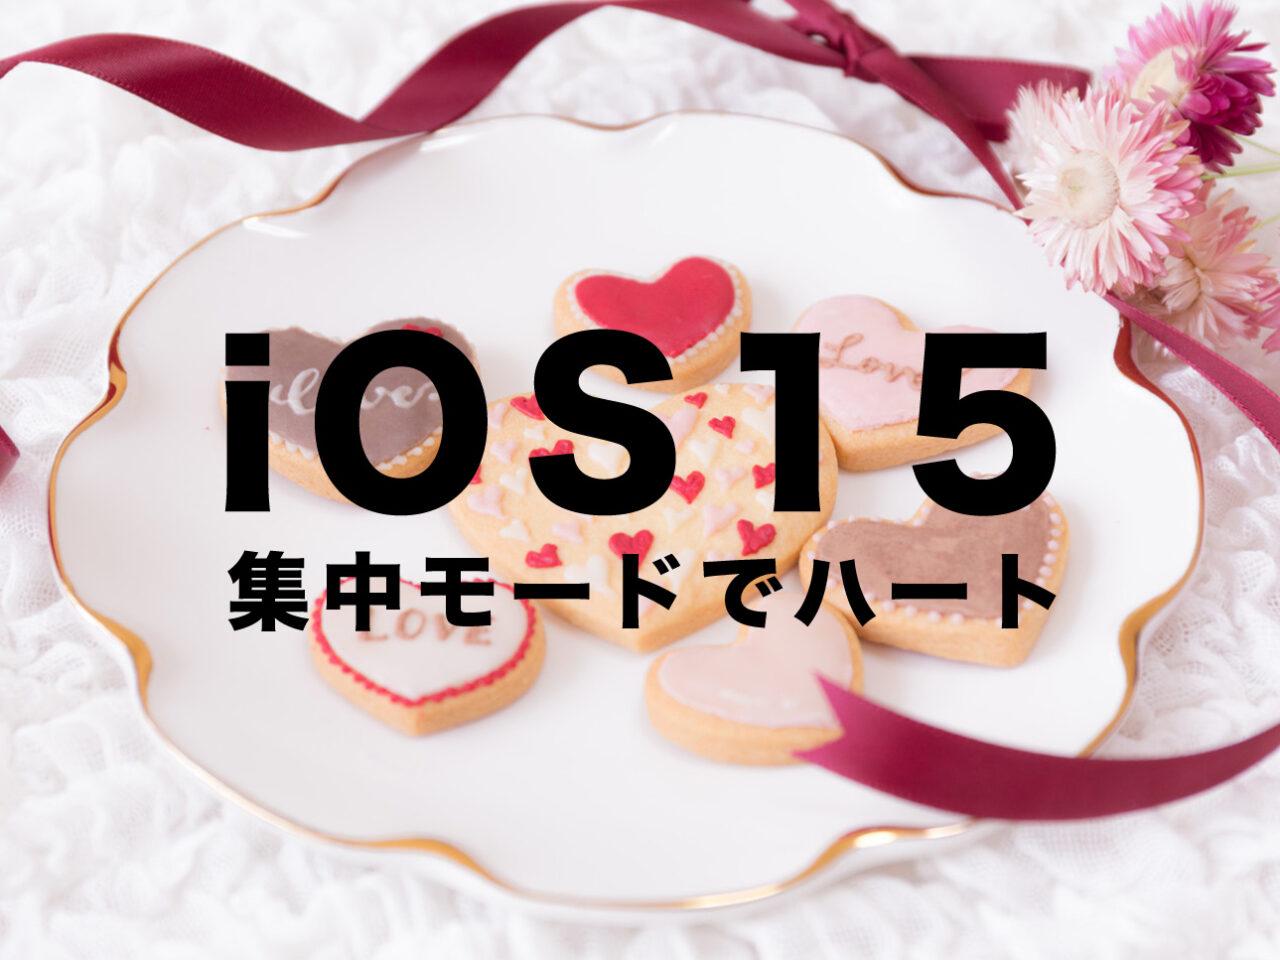 iOS15のiPhoneで集中モードでハートをロック画面に表示させるやり方は?のサムネイル画像